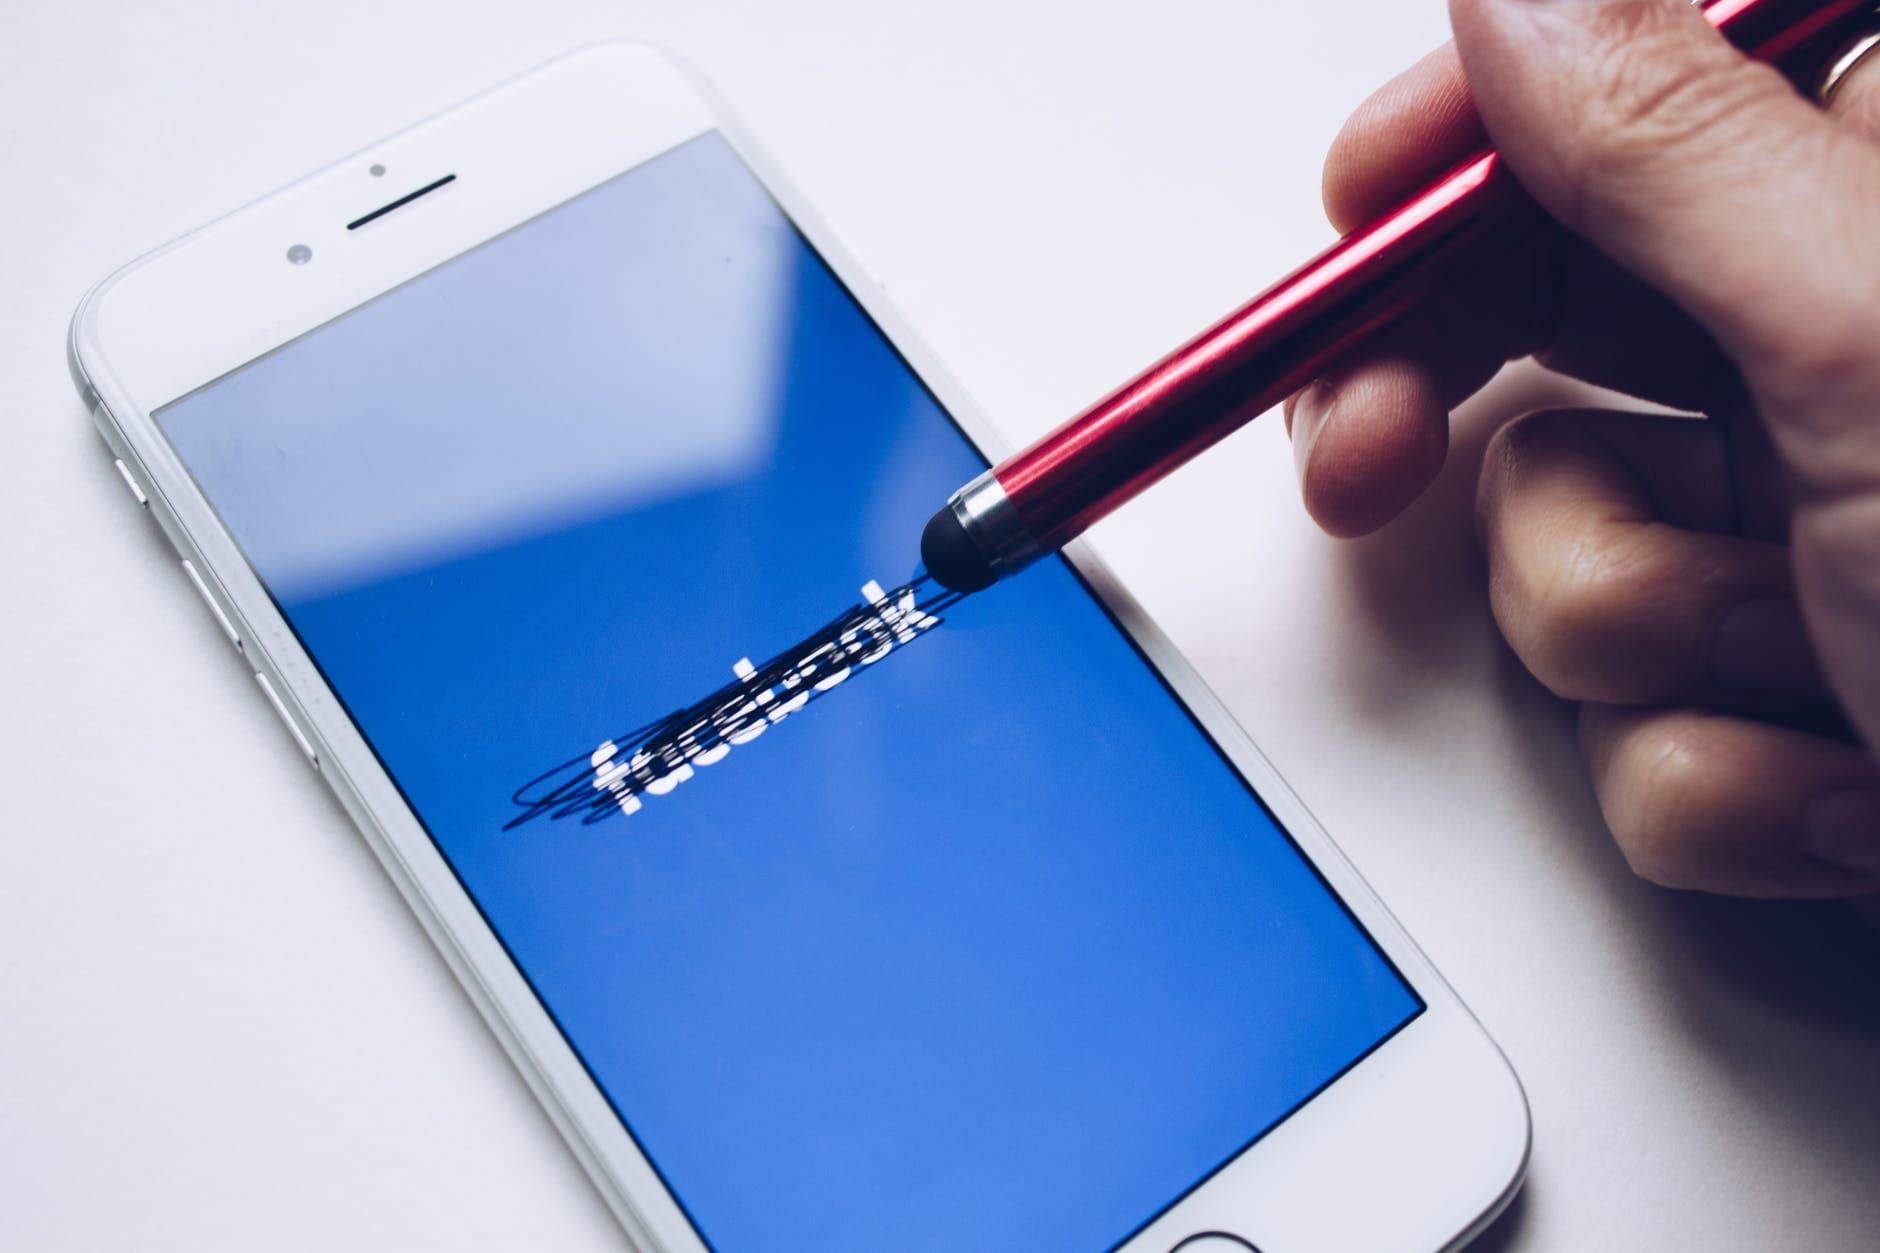 كيف احذف حساب على فيسبوك بشكل نهائي